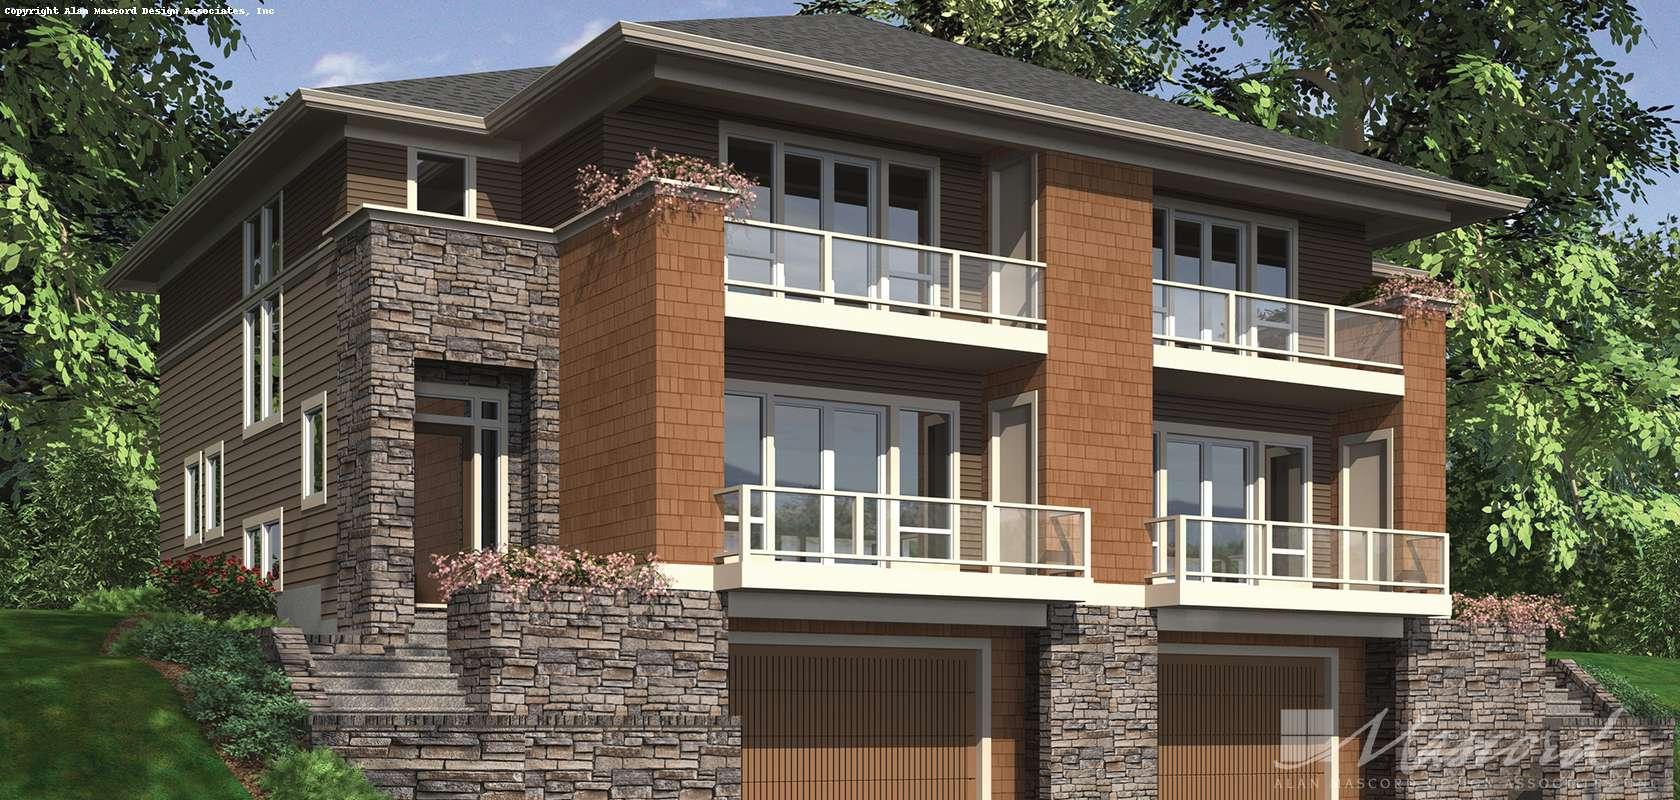 Mascord House Plan 4041: The Prairiefire